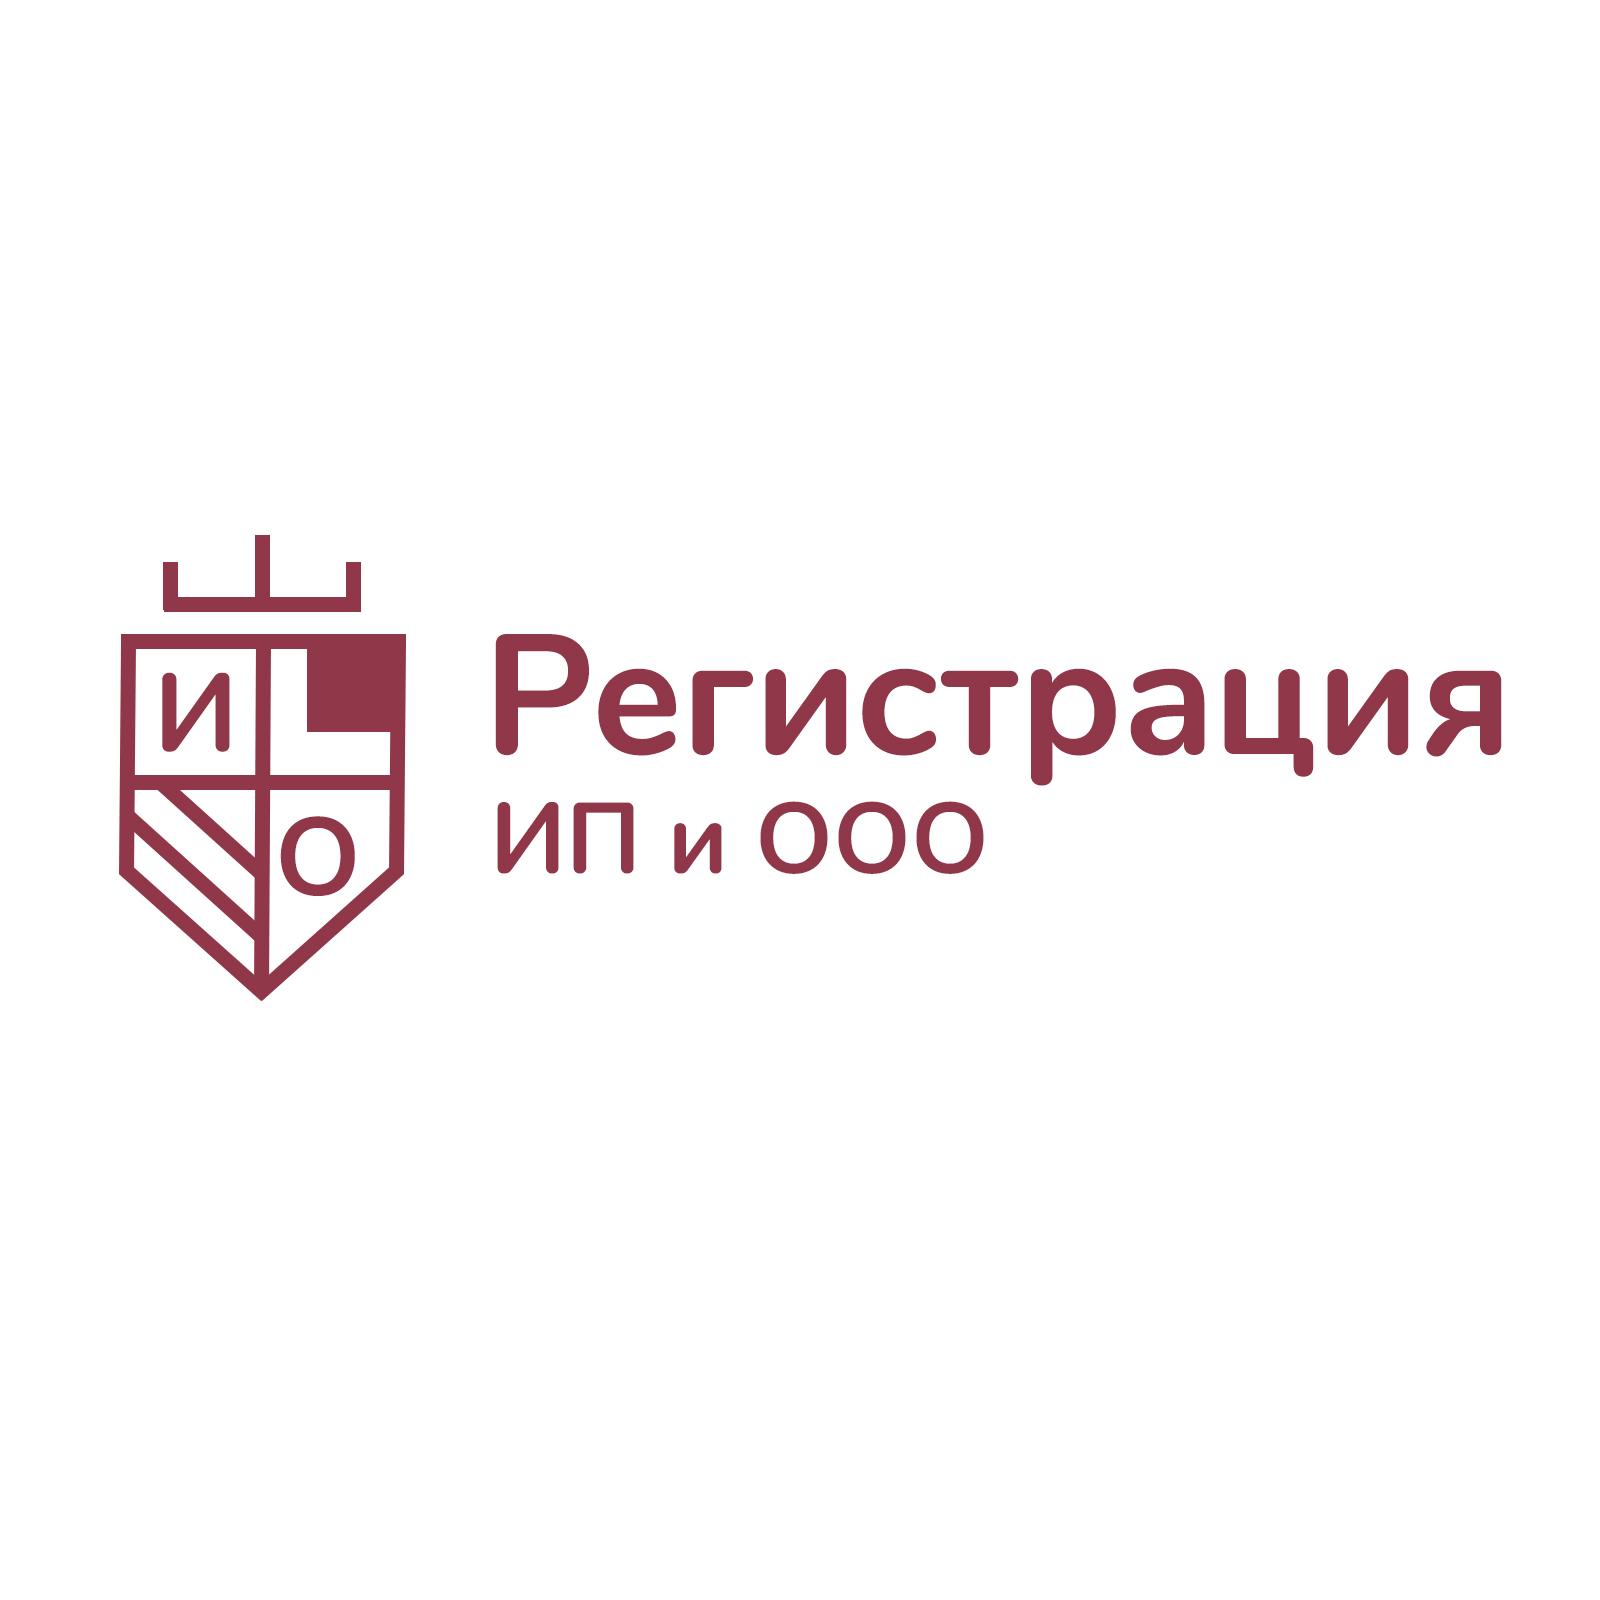 Регистрация ИП и ООО в Москве